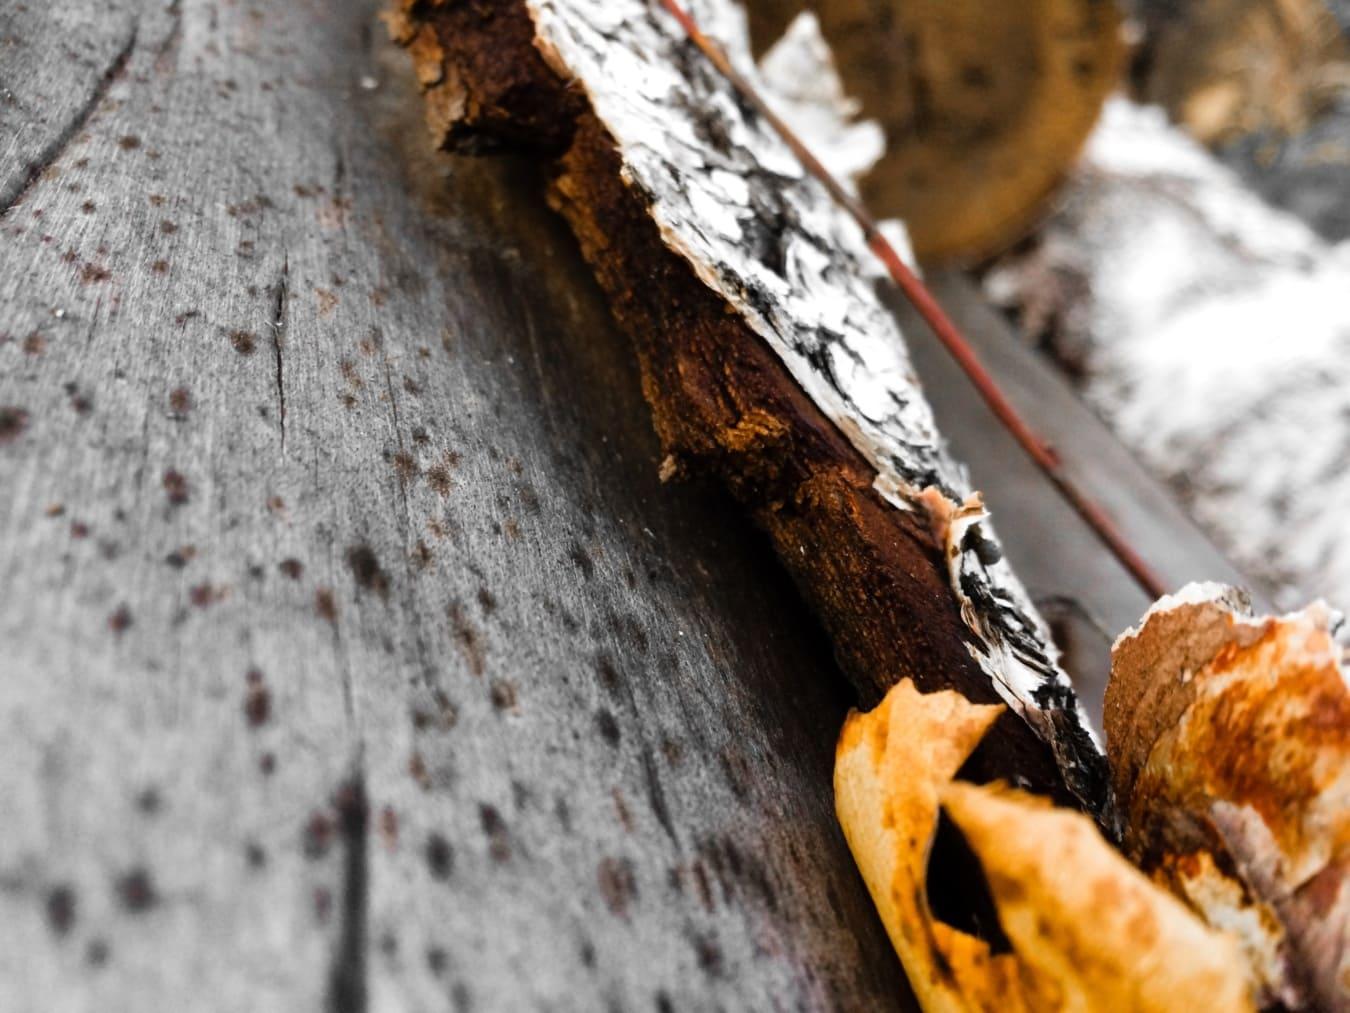 feuilles jaunes, brun jaunâtre, surface, cortex, arbre, fermer, bois, nature, vieux, sombre